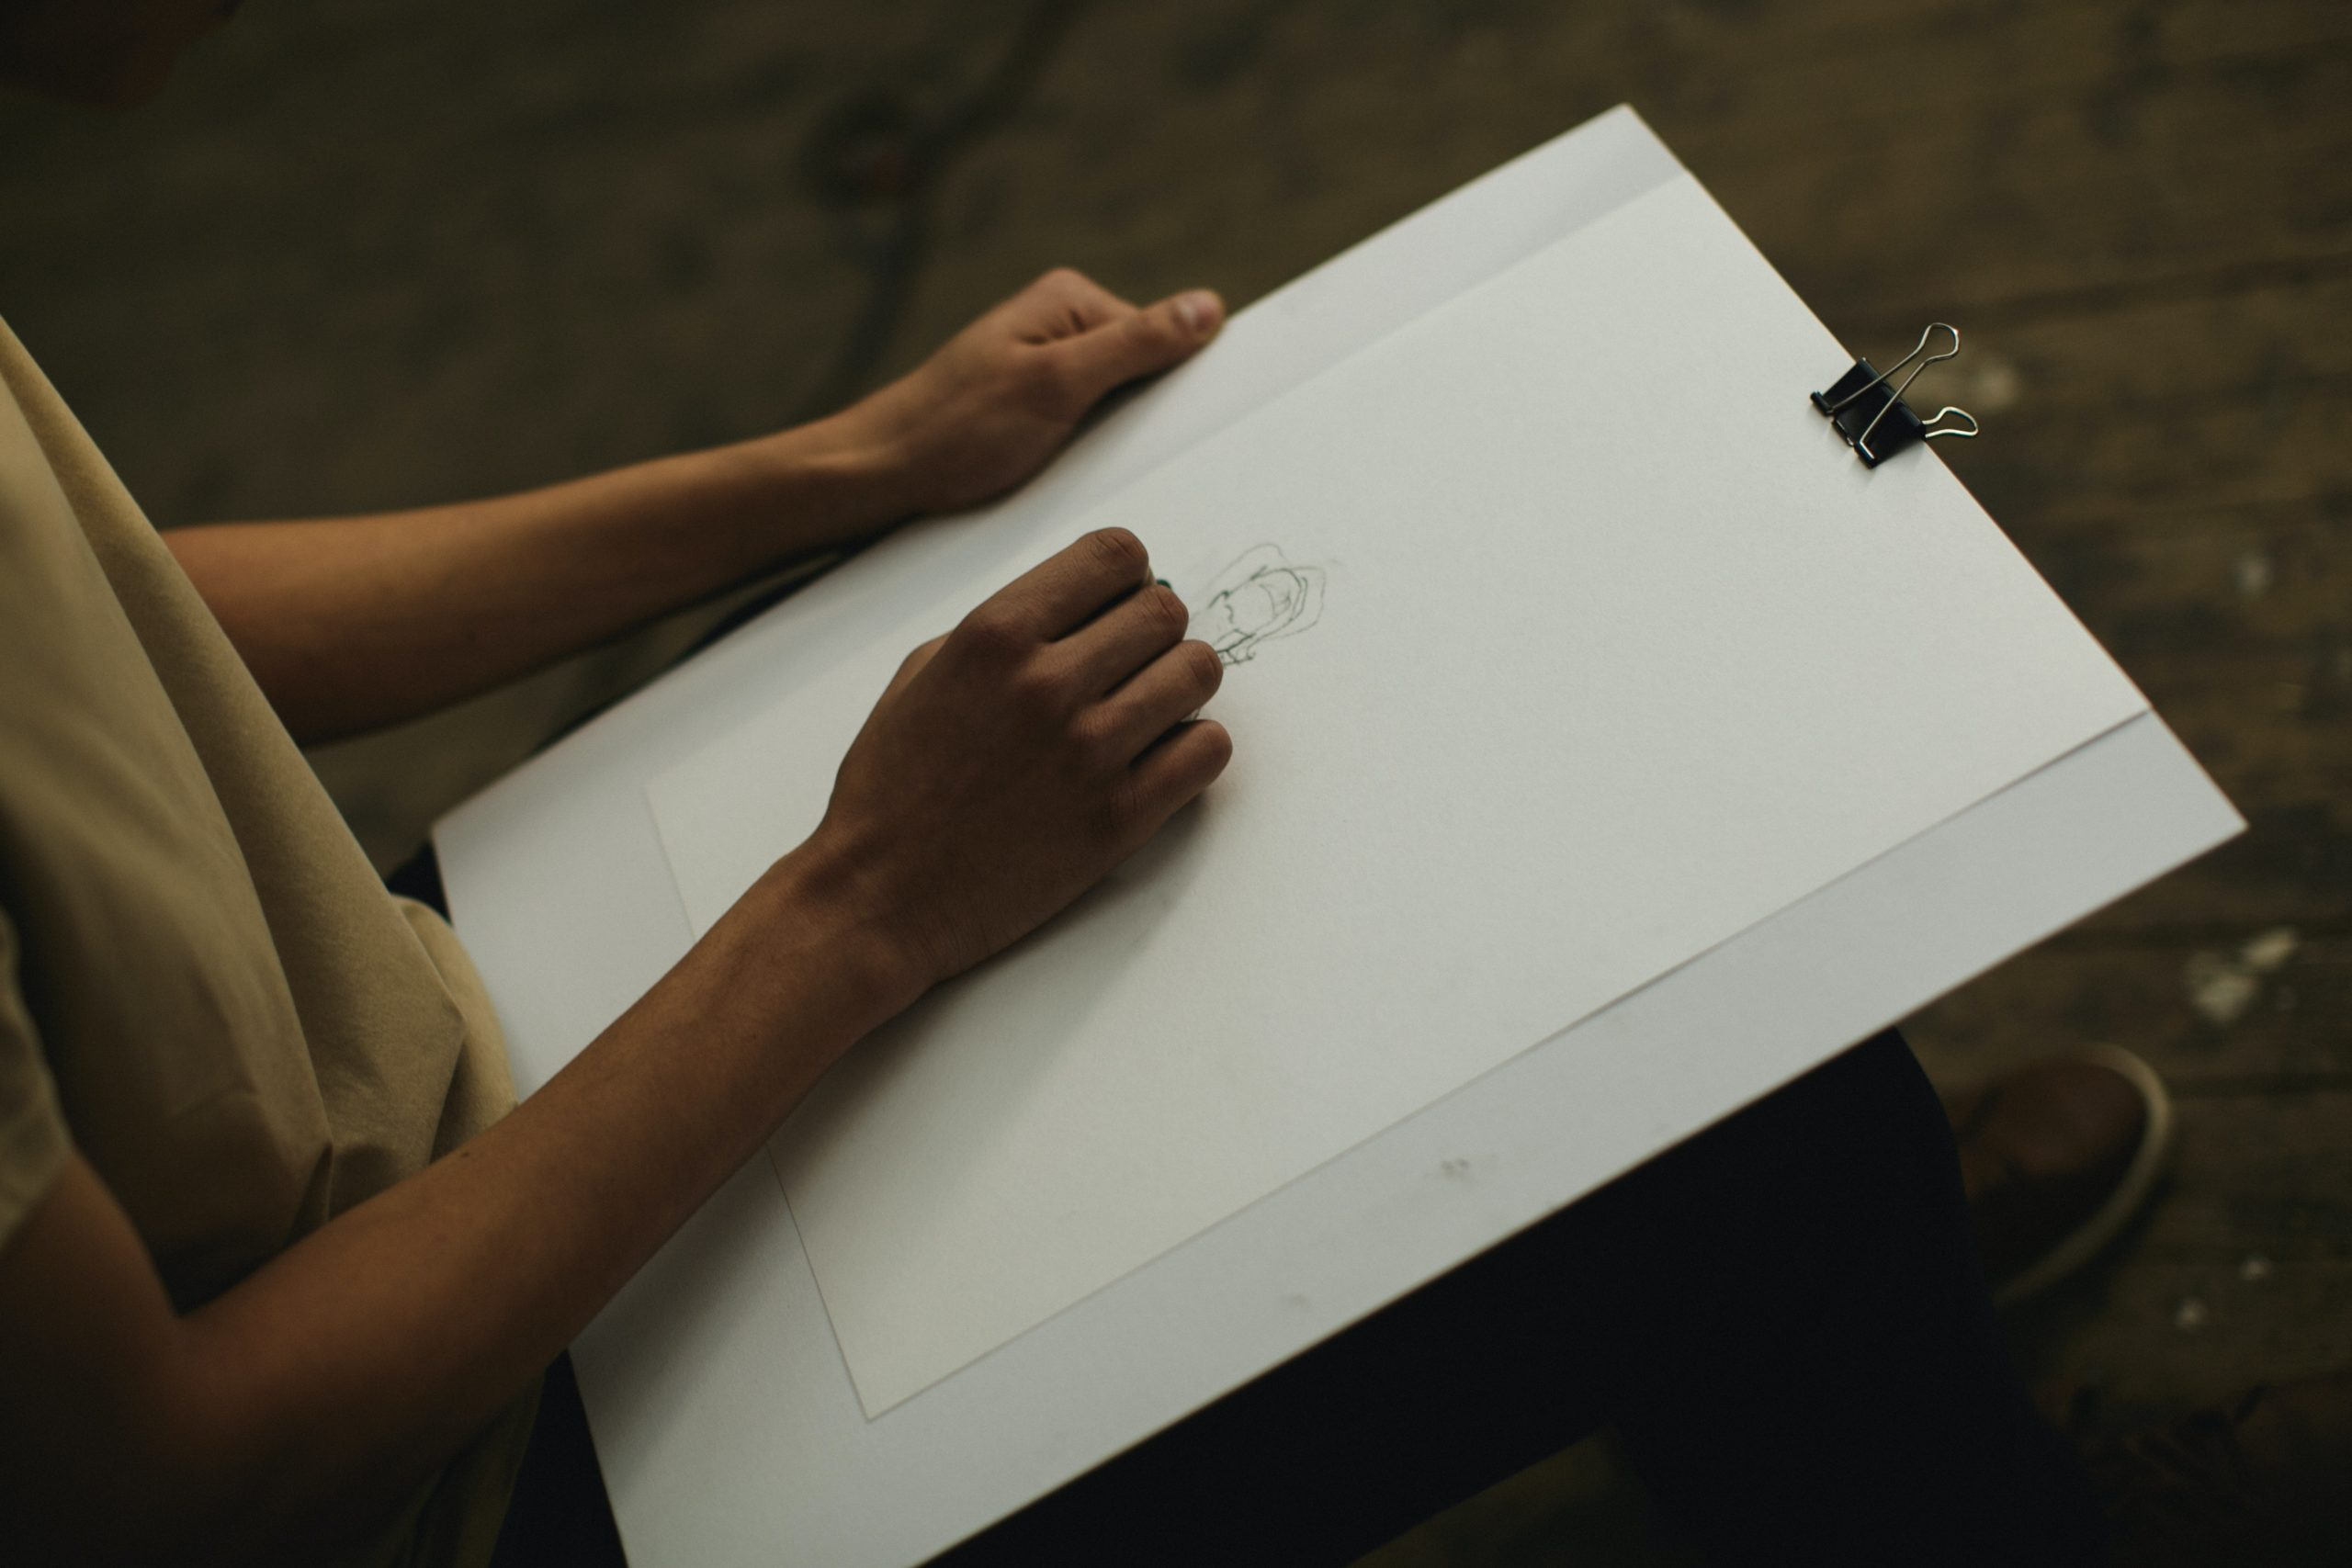 Le support choisi sera le vôtre et dépend de vos envies, carnet, feuilles, grand format, ...